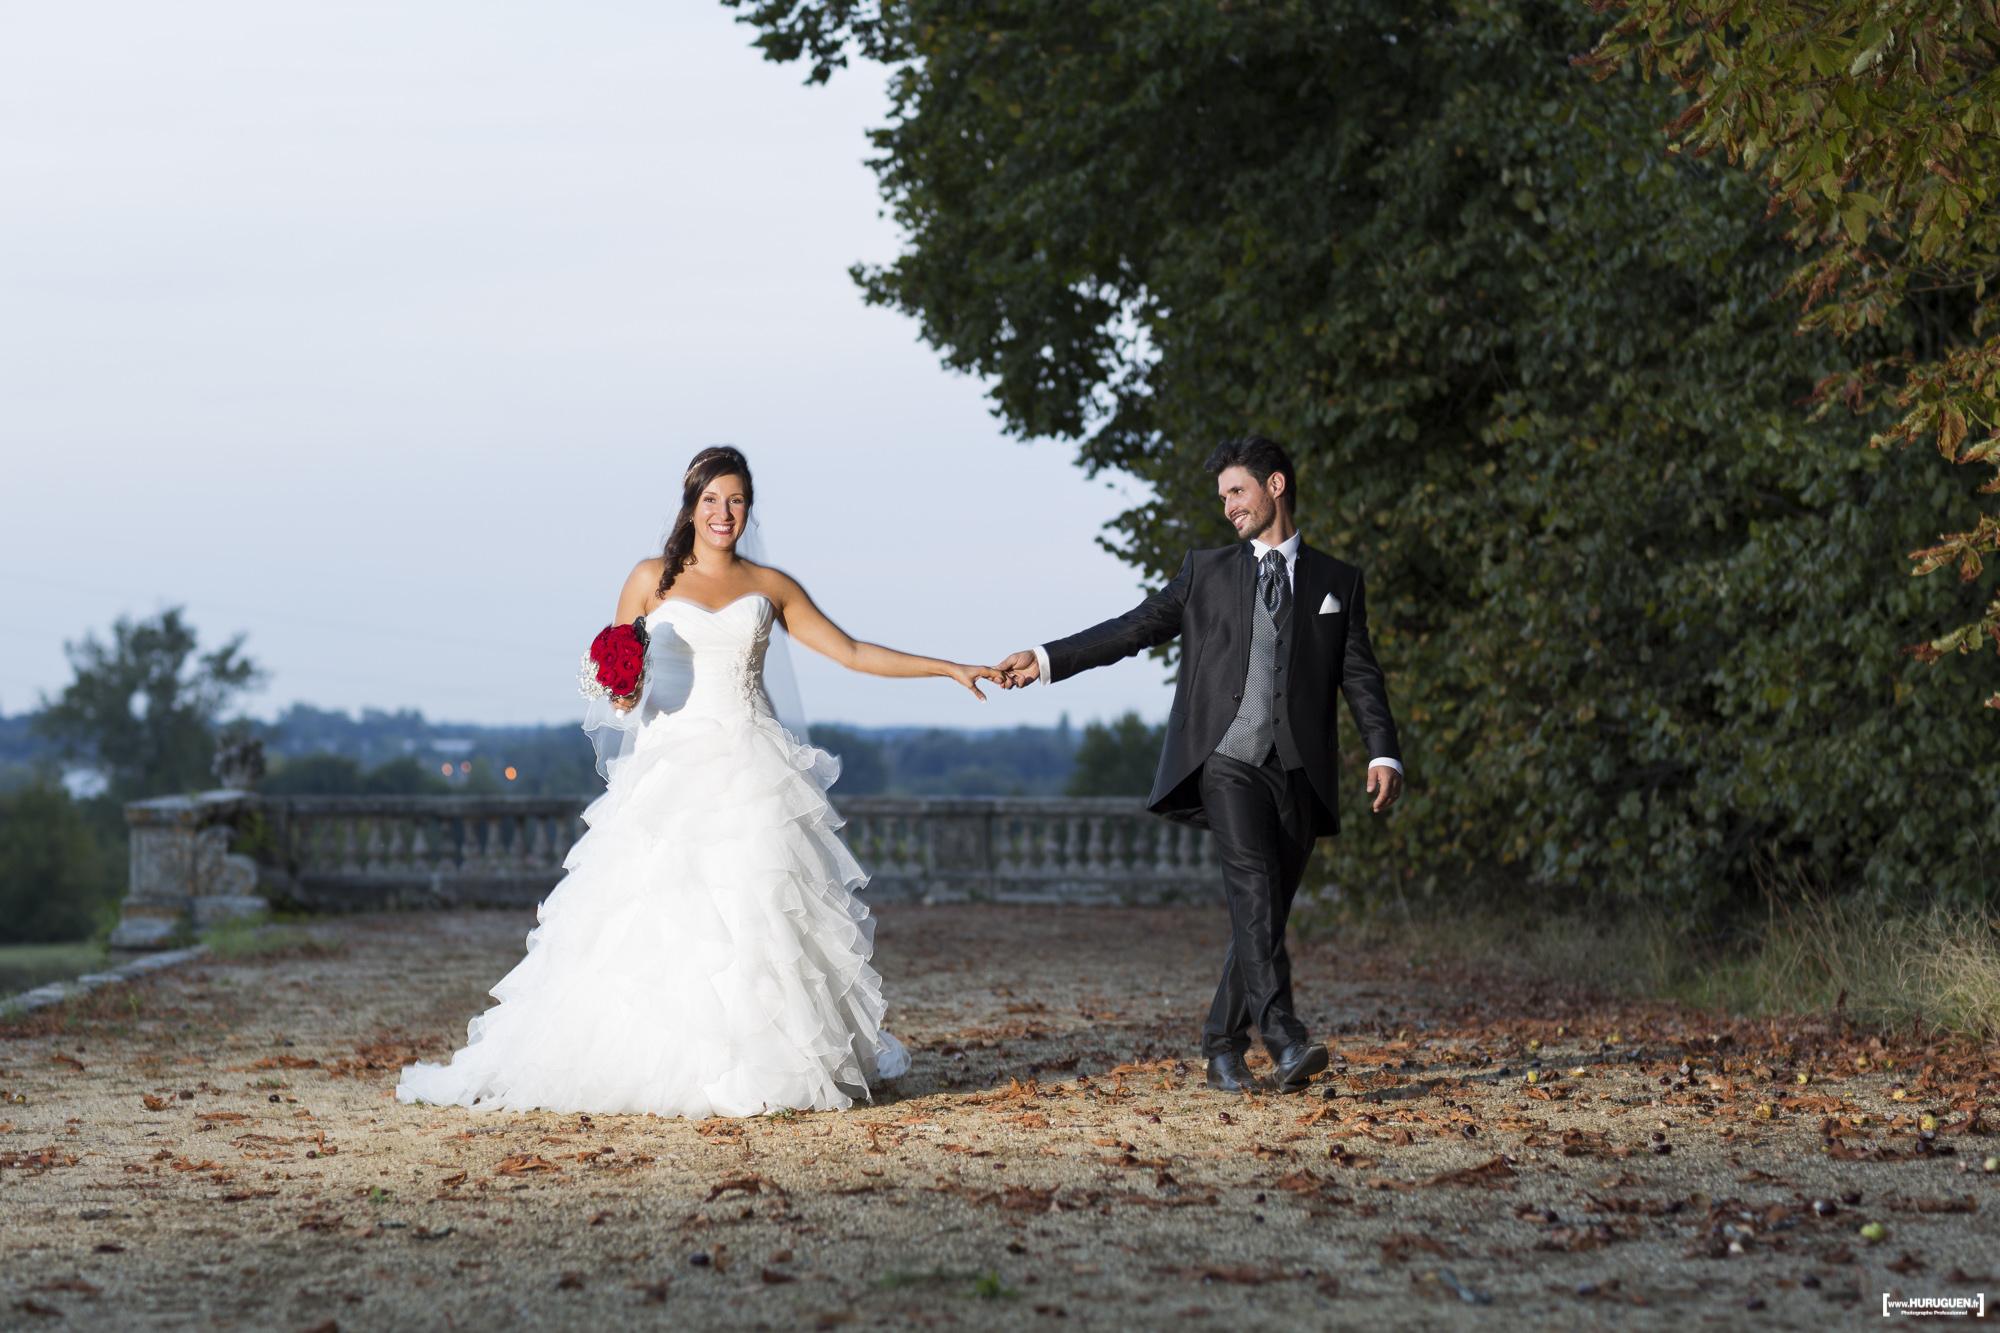 Photographe De Mariage Bordeaux Disponible Le Samedi 14